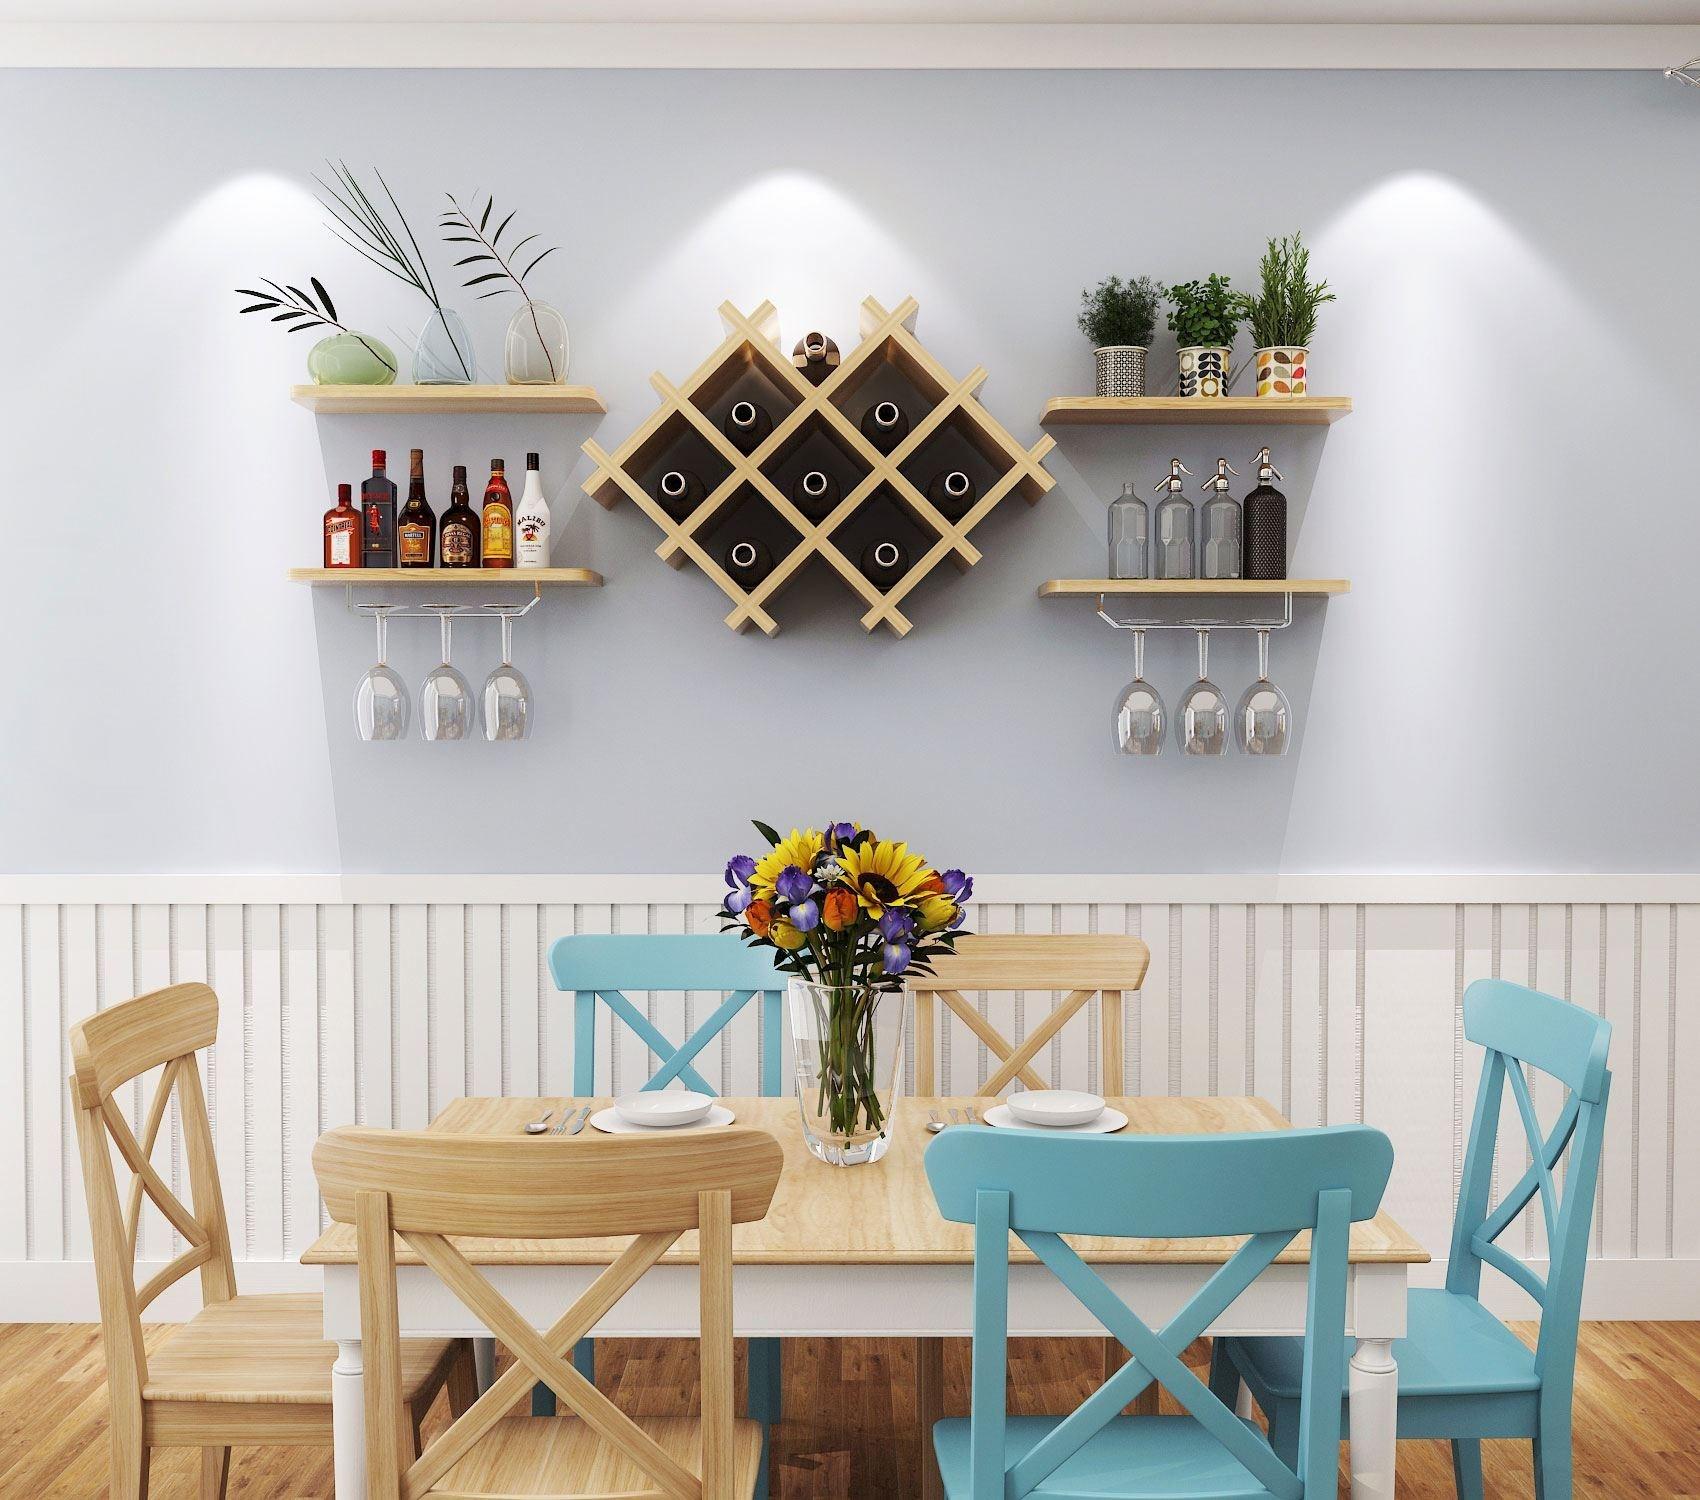 墙上酒柜创意餐厅壁挂红酒架现代简约悬挂式酒格子装饰置物架吊柜图片